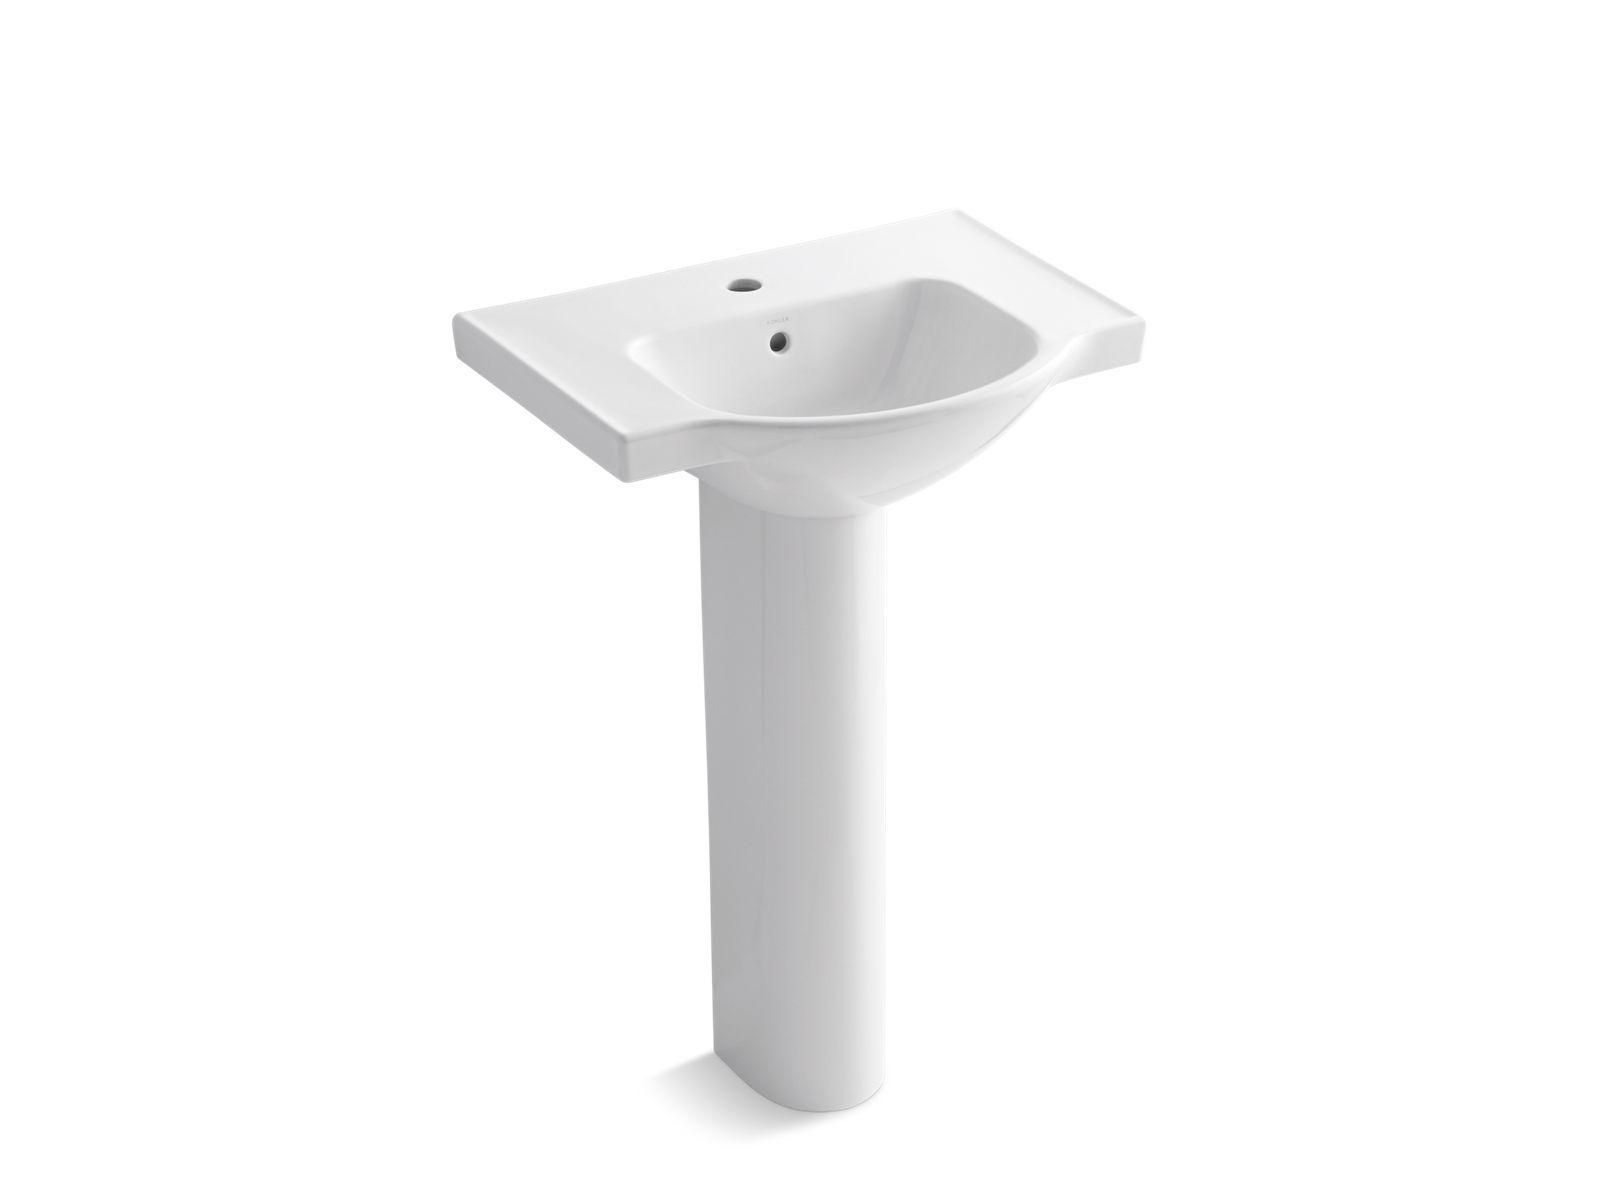 Veer Pedestal Sink With Single Faucet Hole K 5266 1 Kohler